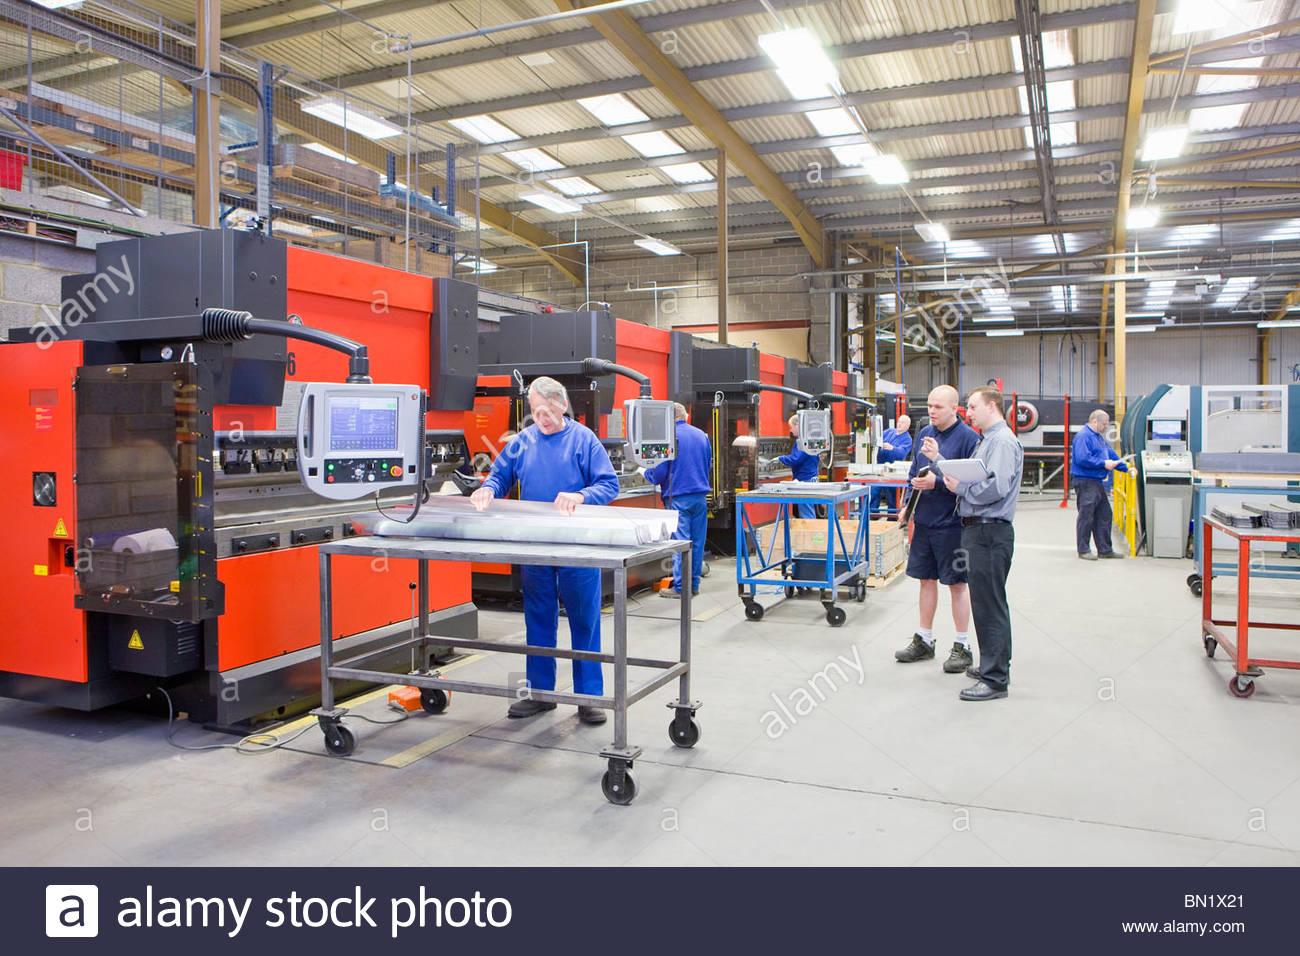 Les travailleurs et machines en usine qui fabrique des raccords en aluminium Photo Stock